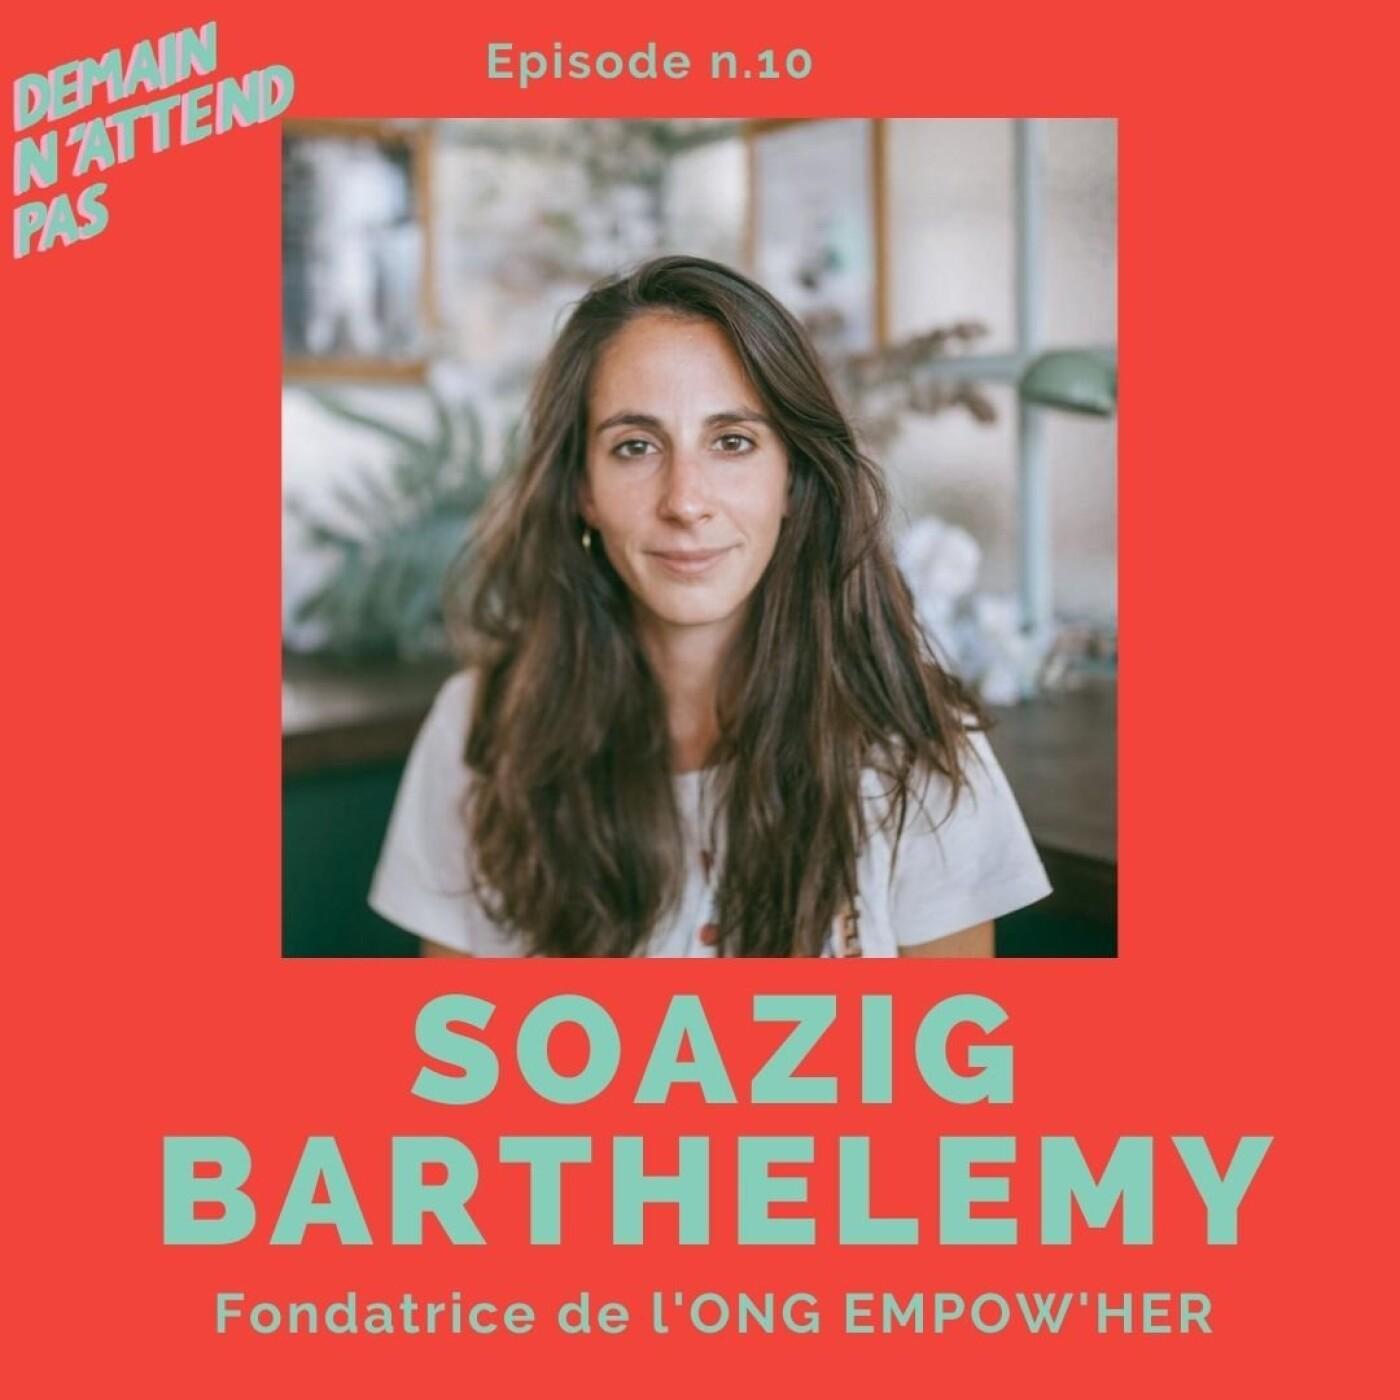 10 - Soazig Barthélémy, fondatrice de l'ONG Empow'her, les femmes n'ont pas le pouvoir -elles sont pouvoir !